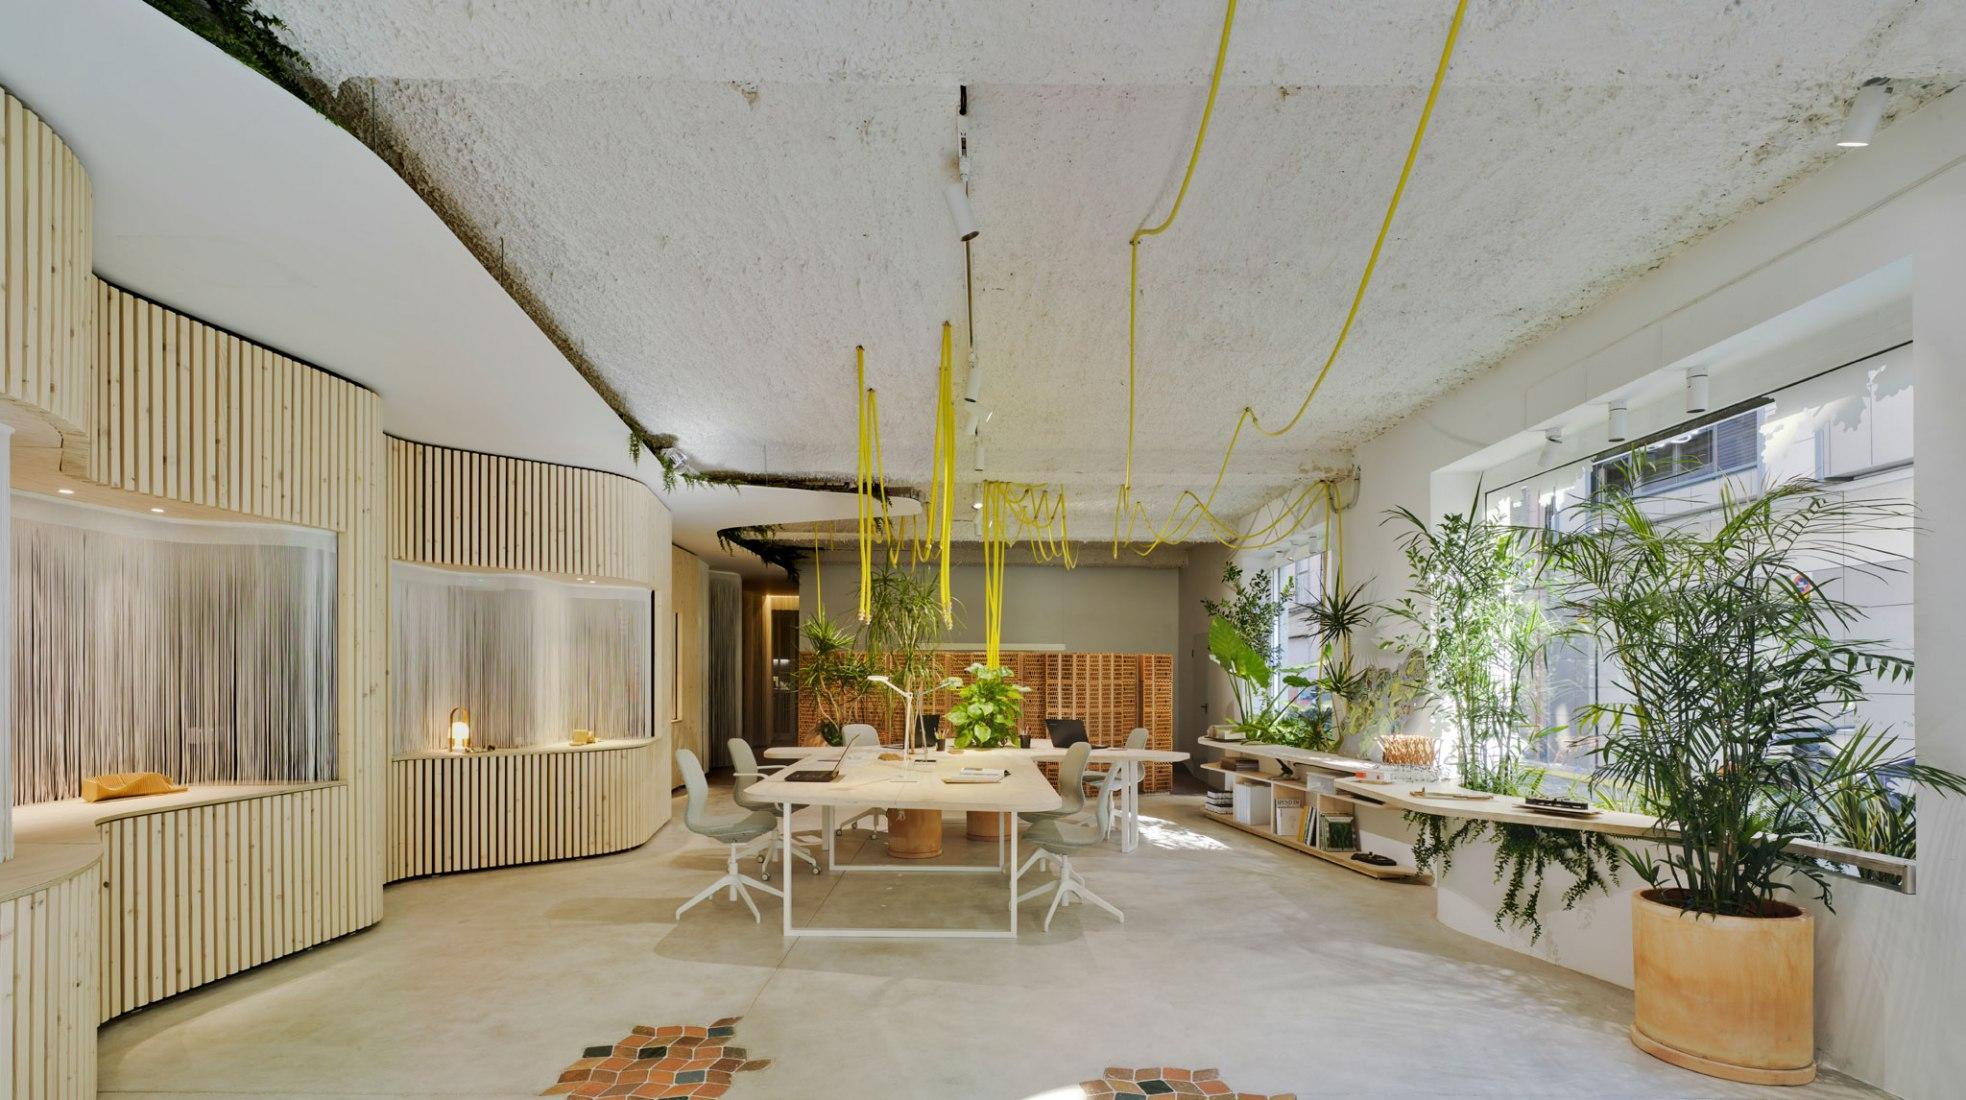 Un jardín de trabajo por WOHA by Antonio Maciá. Fotografía por David Frutos.